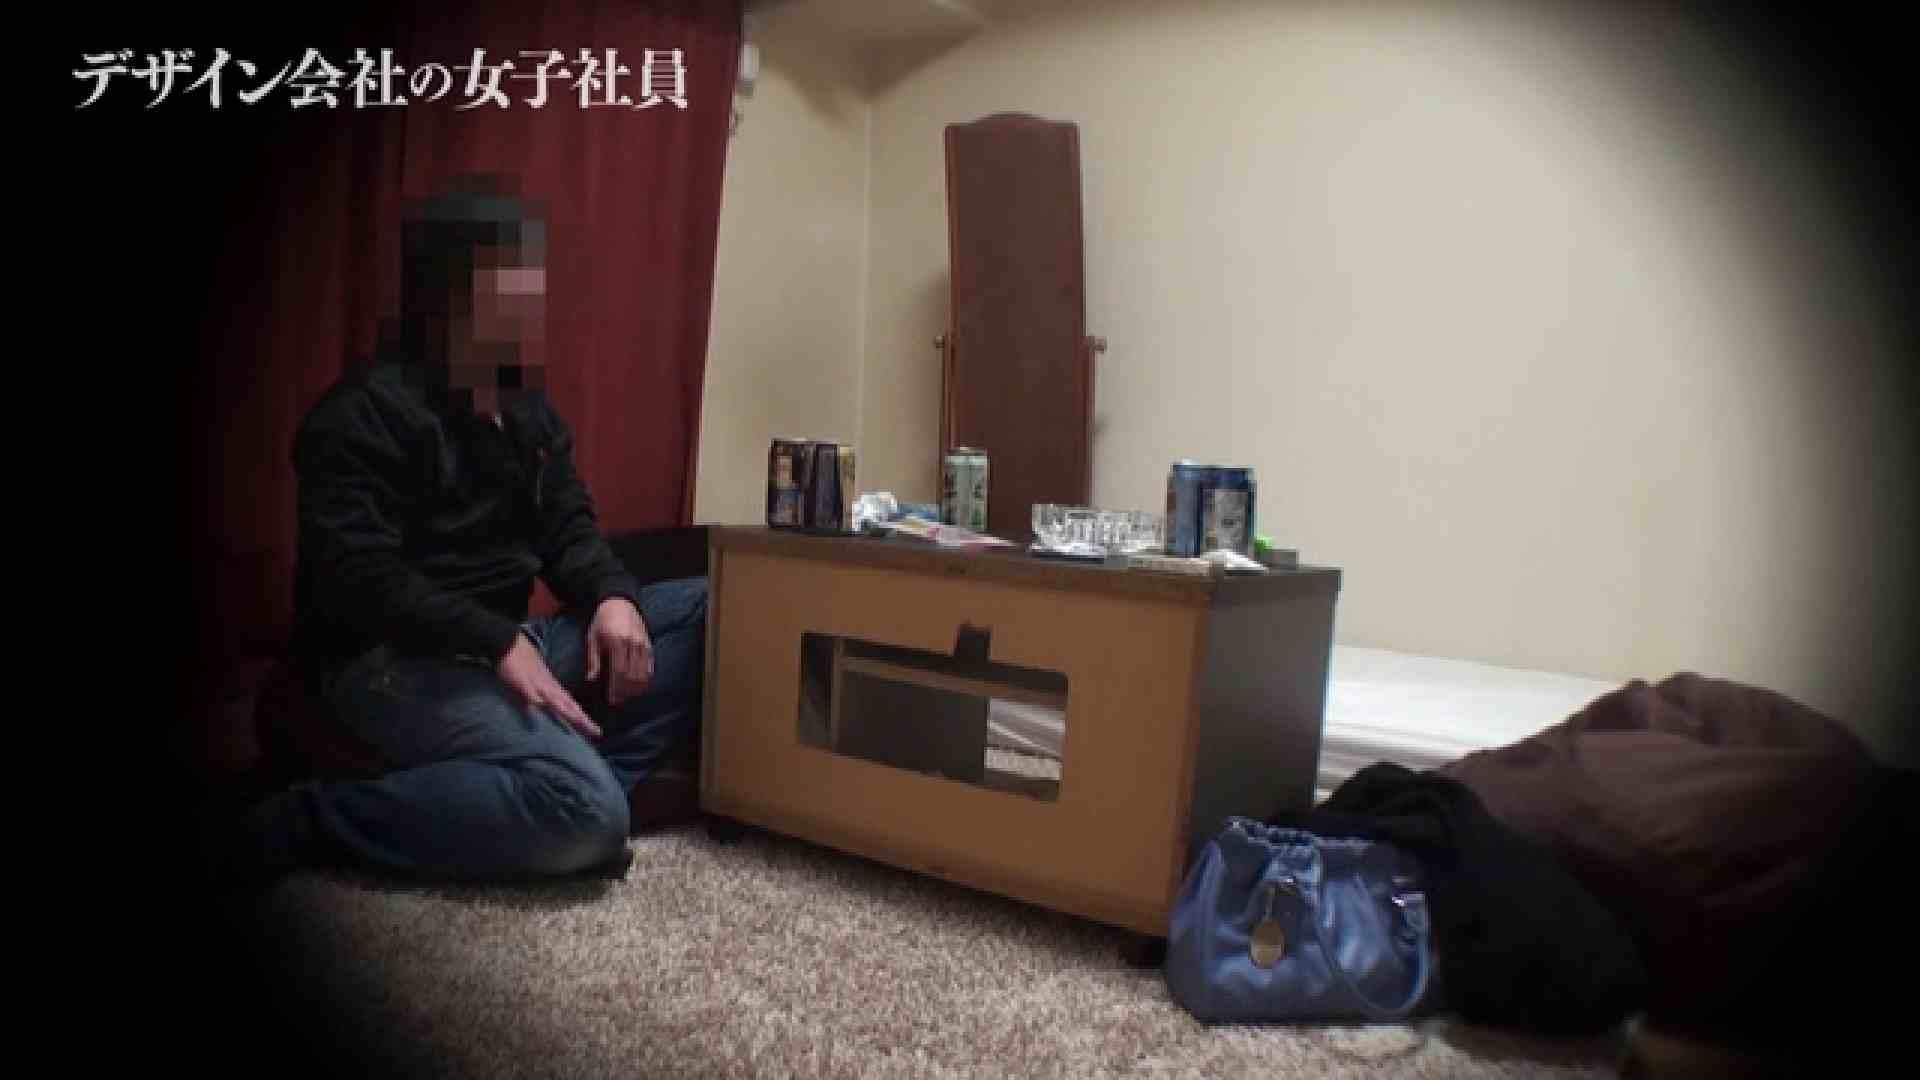 デザイン会社の女子社員 エッチな盗撮 エロ画像 95pic 2